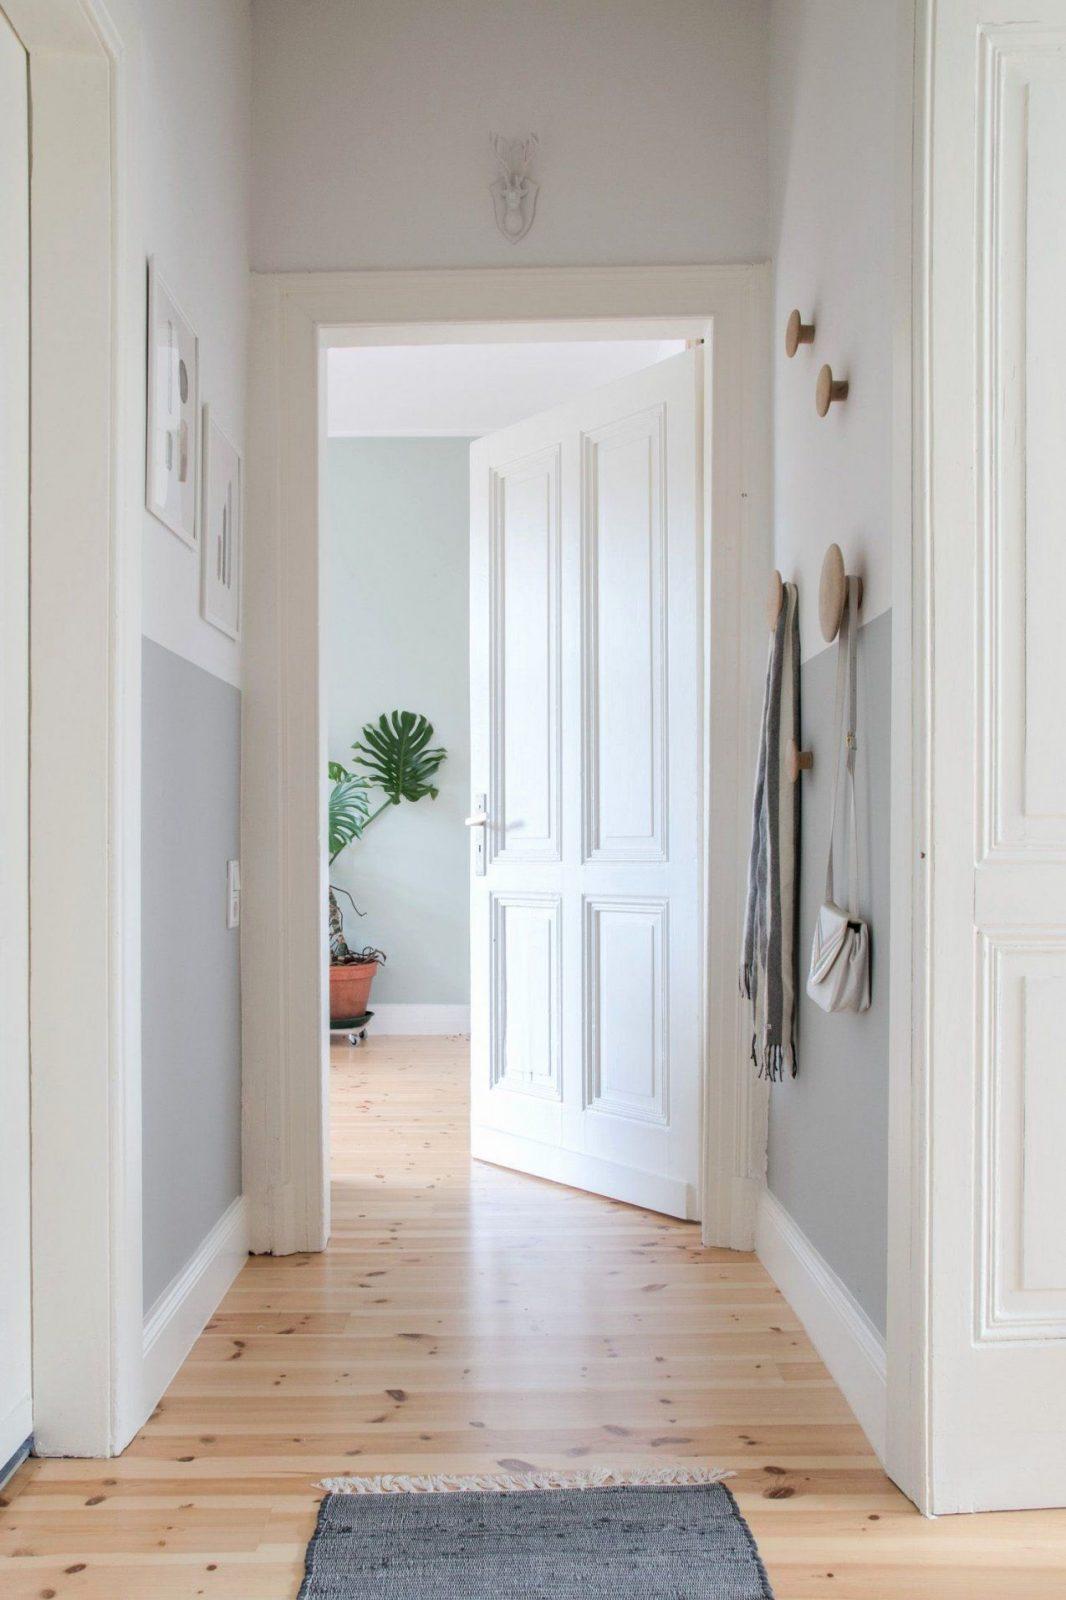 48 Frisch Flur Ideen Für Den Eingangsraum Bilder Ishigaki